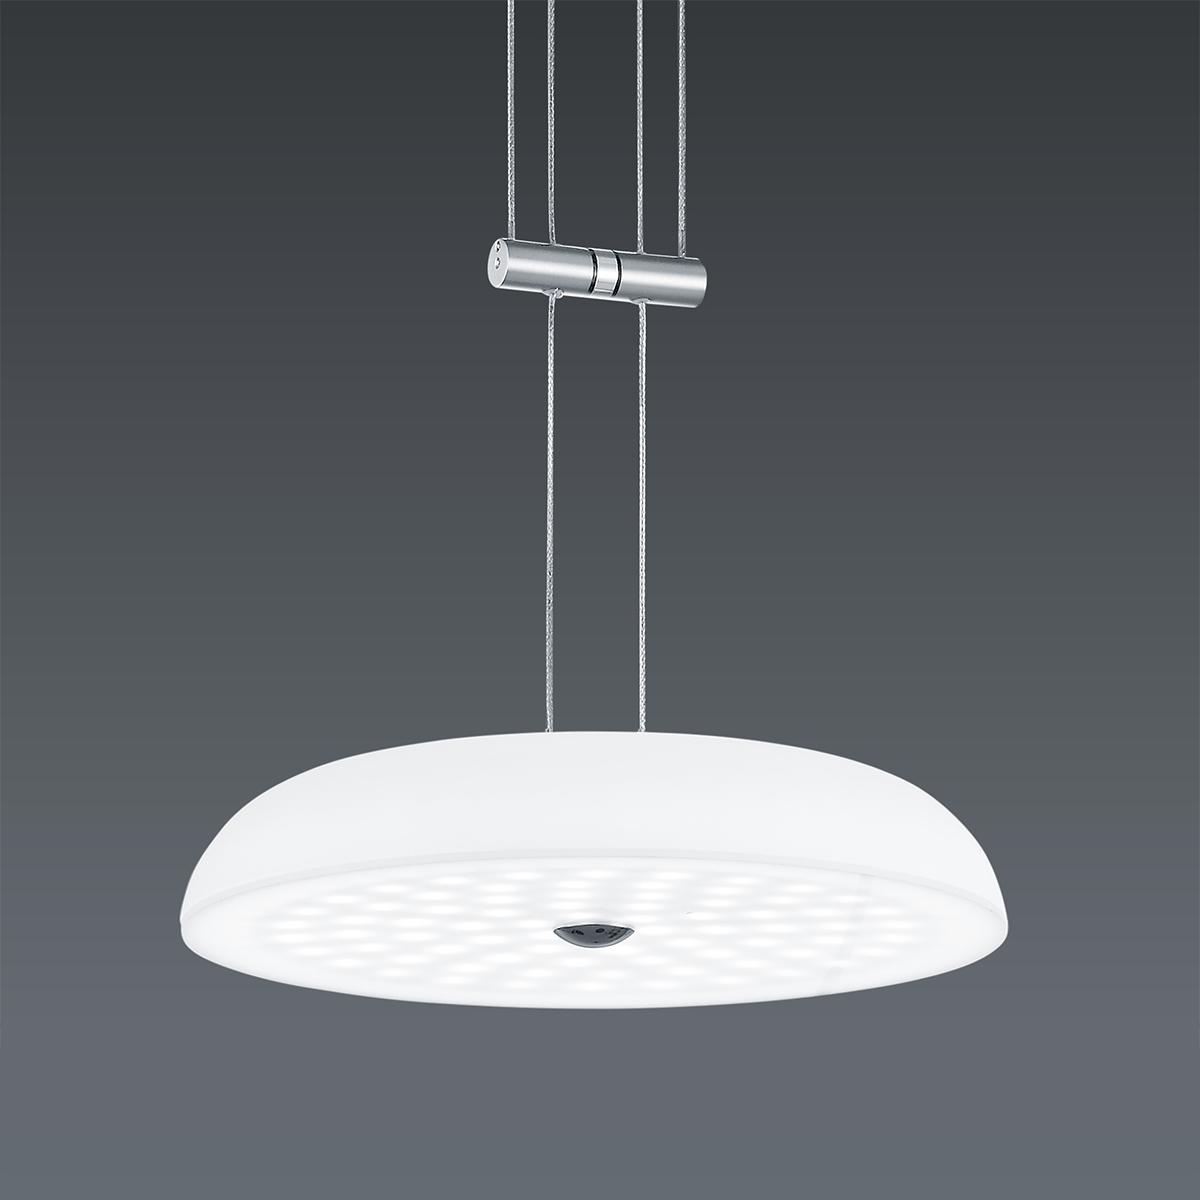 Hängeleuchten von BANKAMP Leuchtenmanufaktur LED-Pendelleuchte Vanity zur Strada 2144/1-92